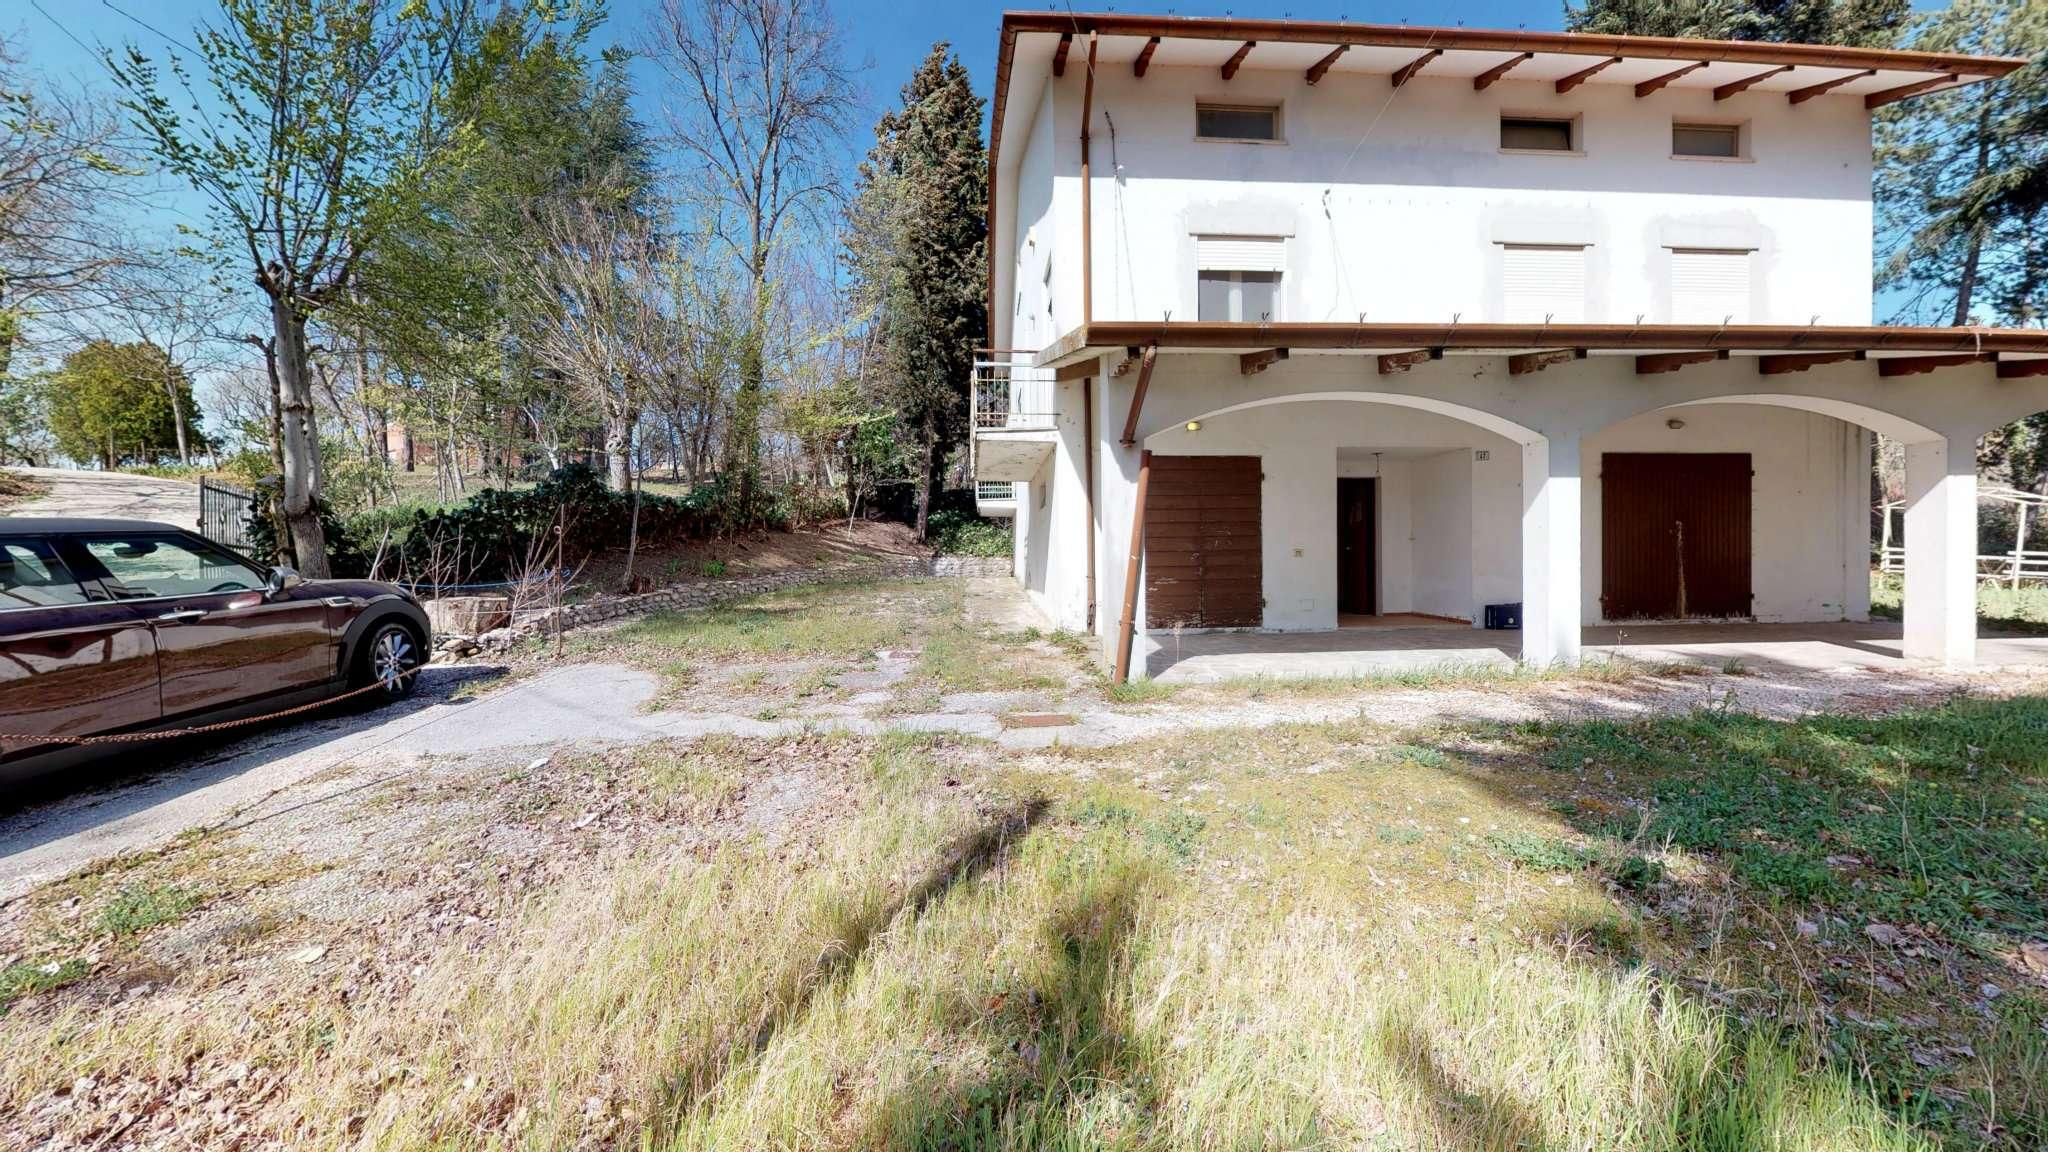 MOR01 Villa indipendente con ampia corte di proprietà